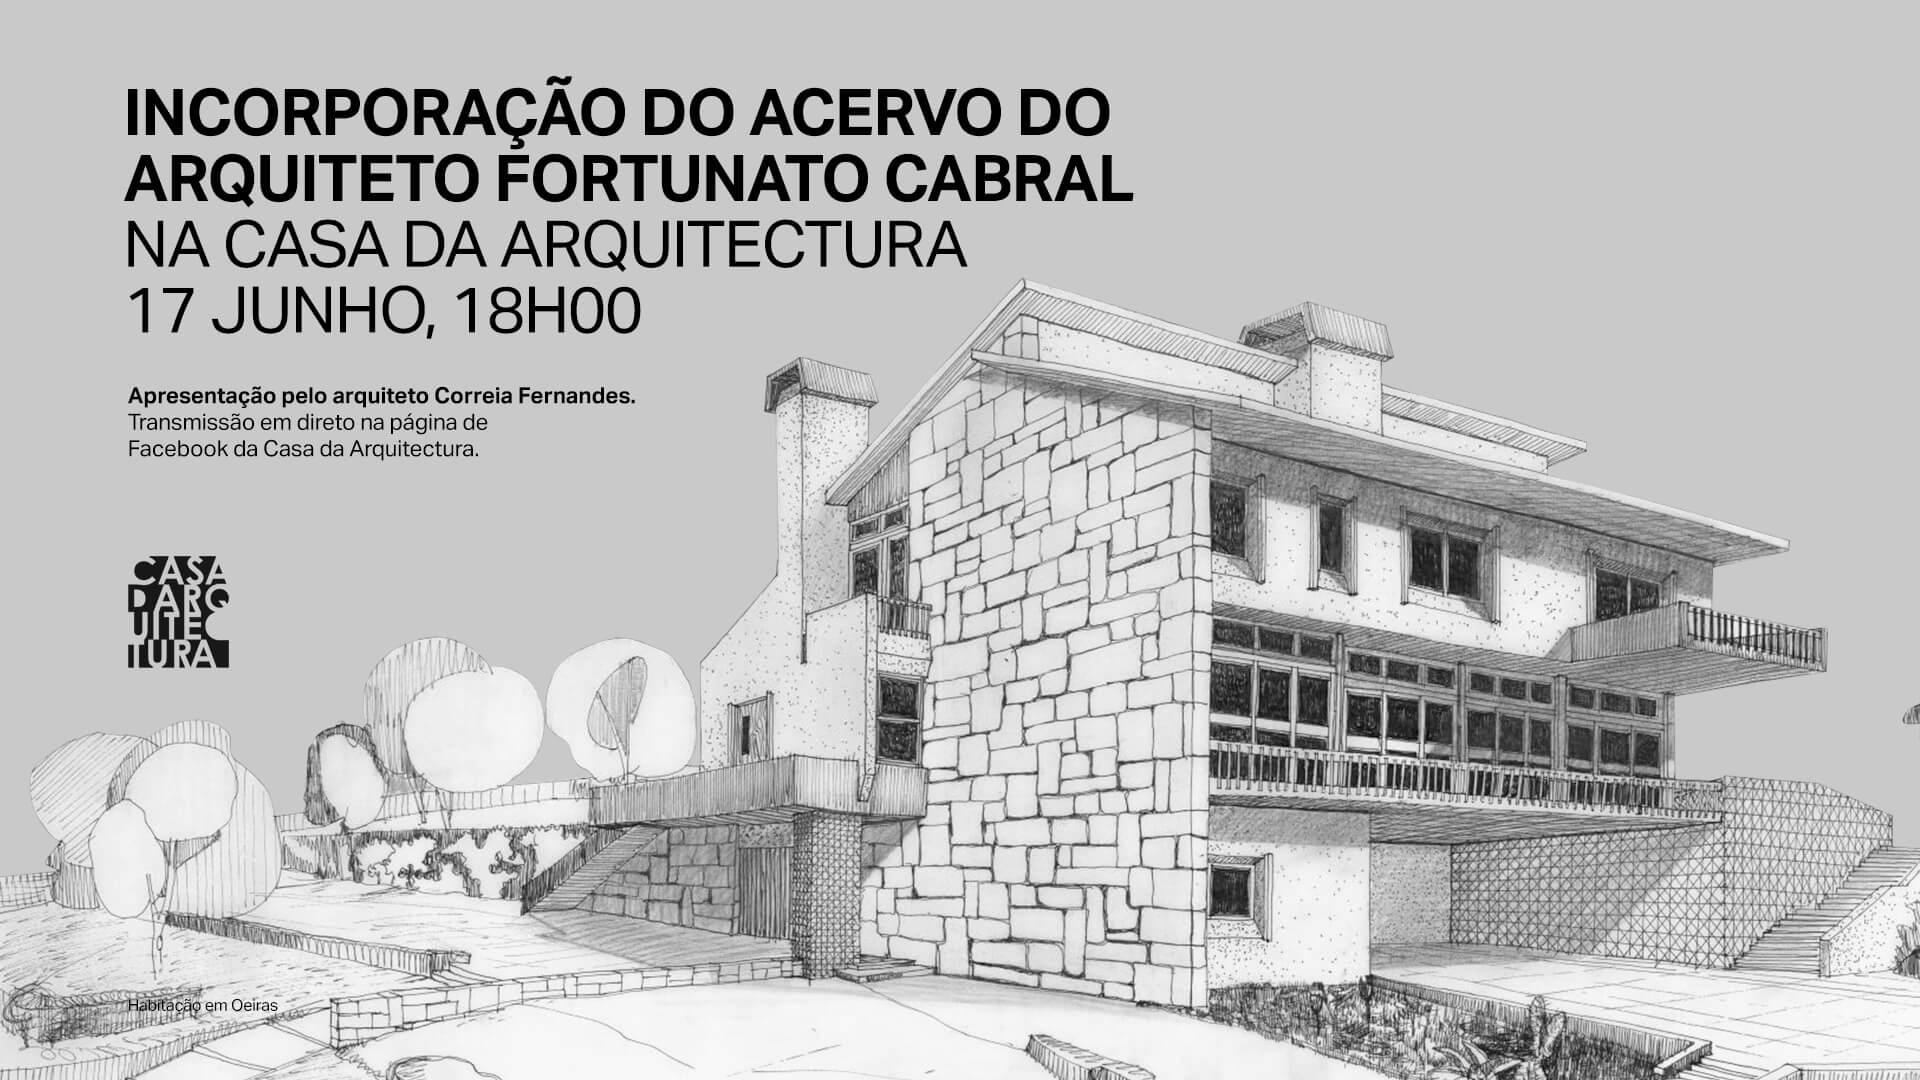 Acervo do arquiteto Fortunato Cabral vai ser incorporado no Arquivo da Casa da Arquitectura